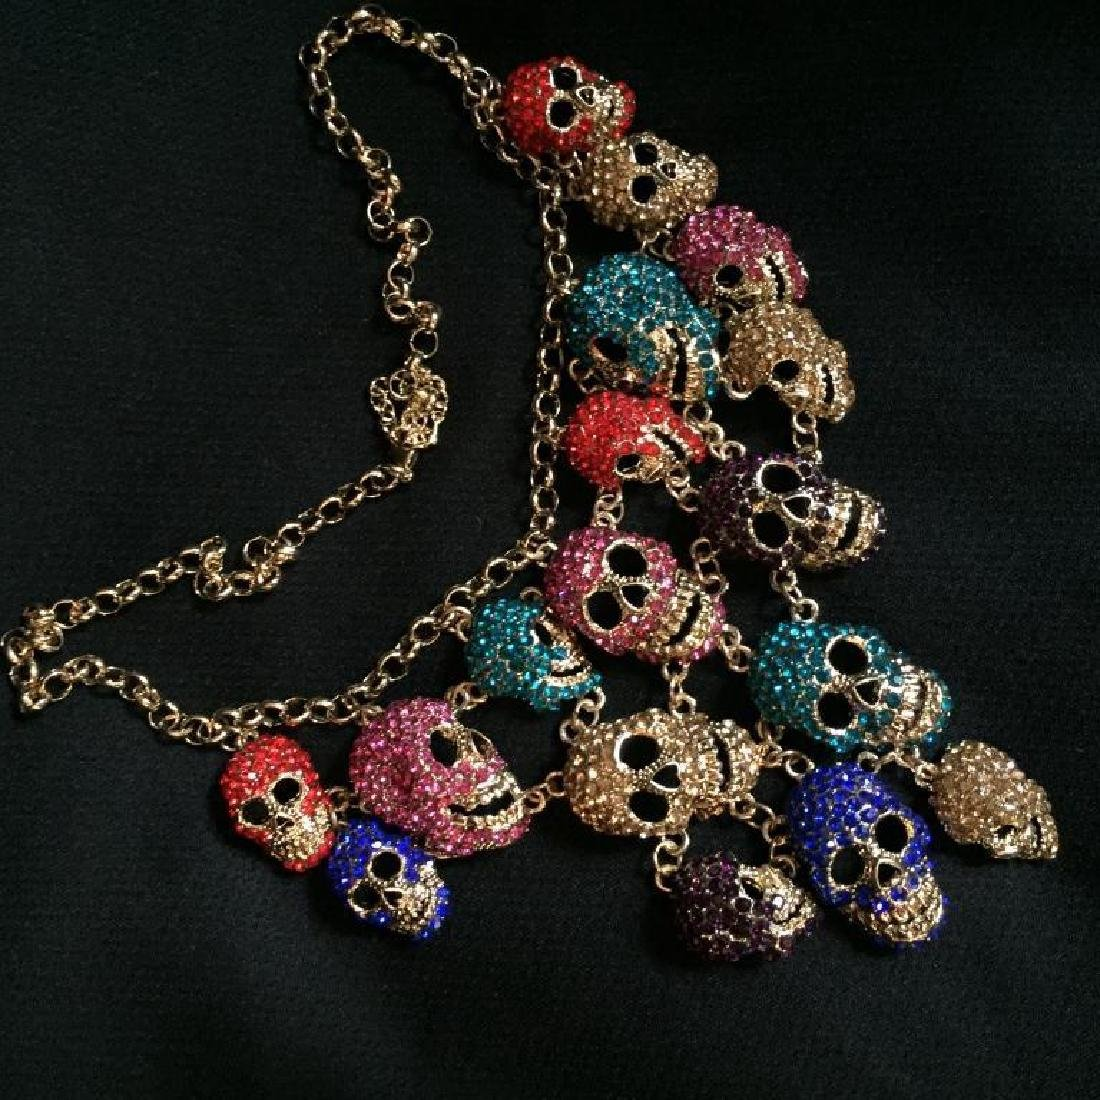 Multi Color Dangling Skeleton Skulls Necklace